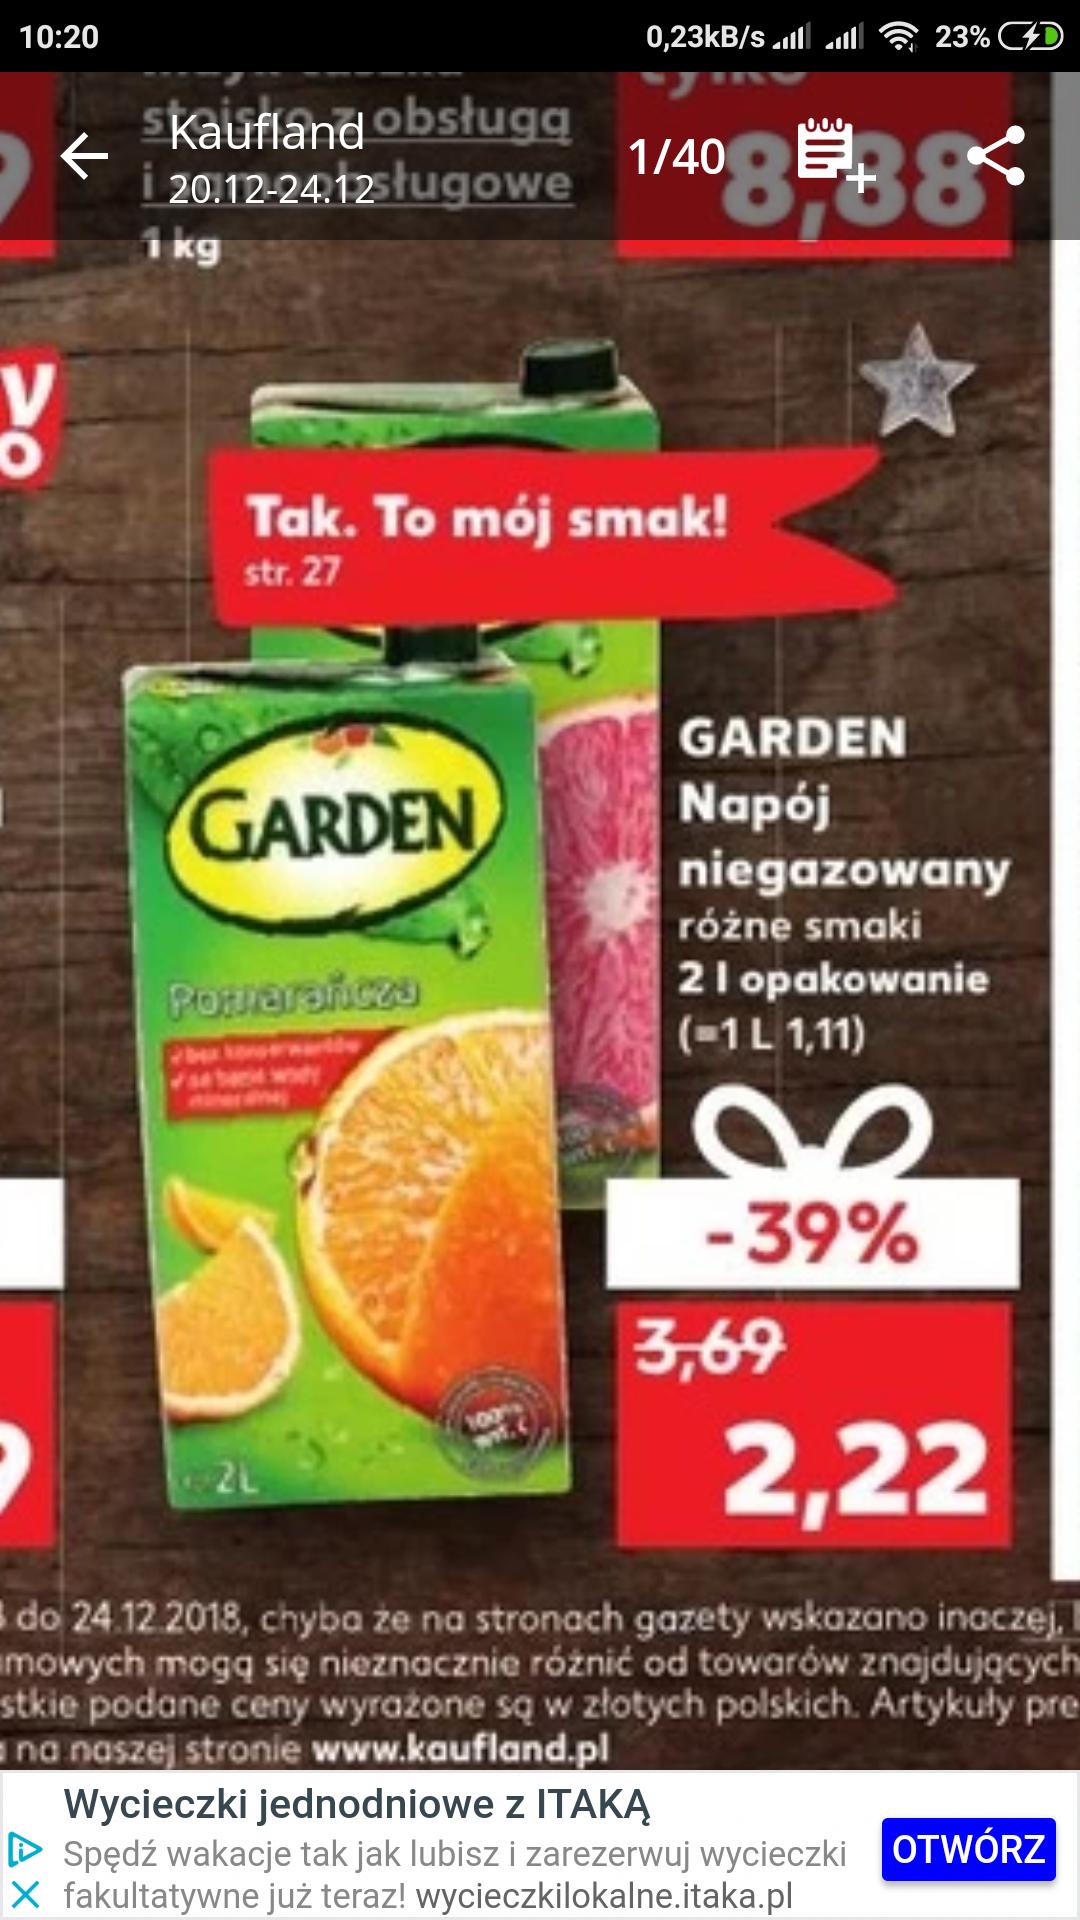 napoje Garden w Kaufland